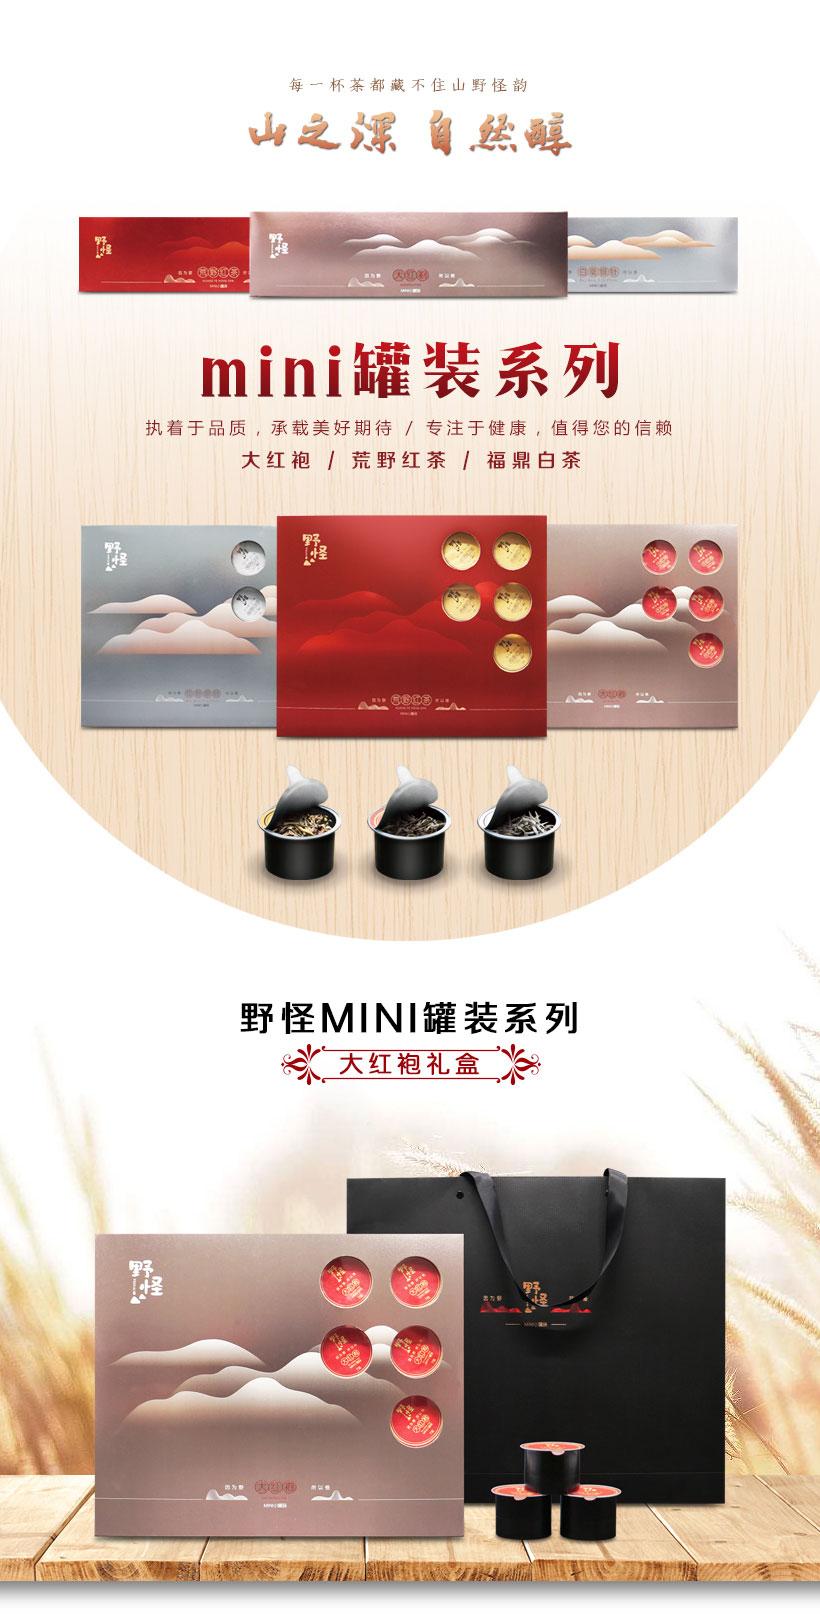 MINI小罐裝大紅袍禮盒-詳情頁_01.jpg